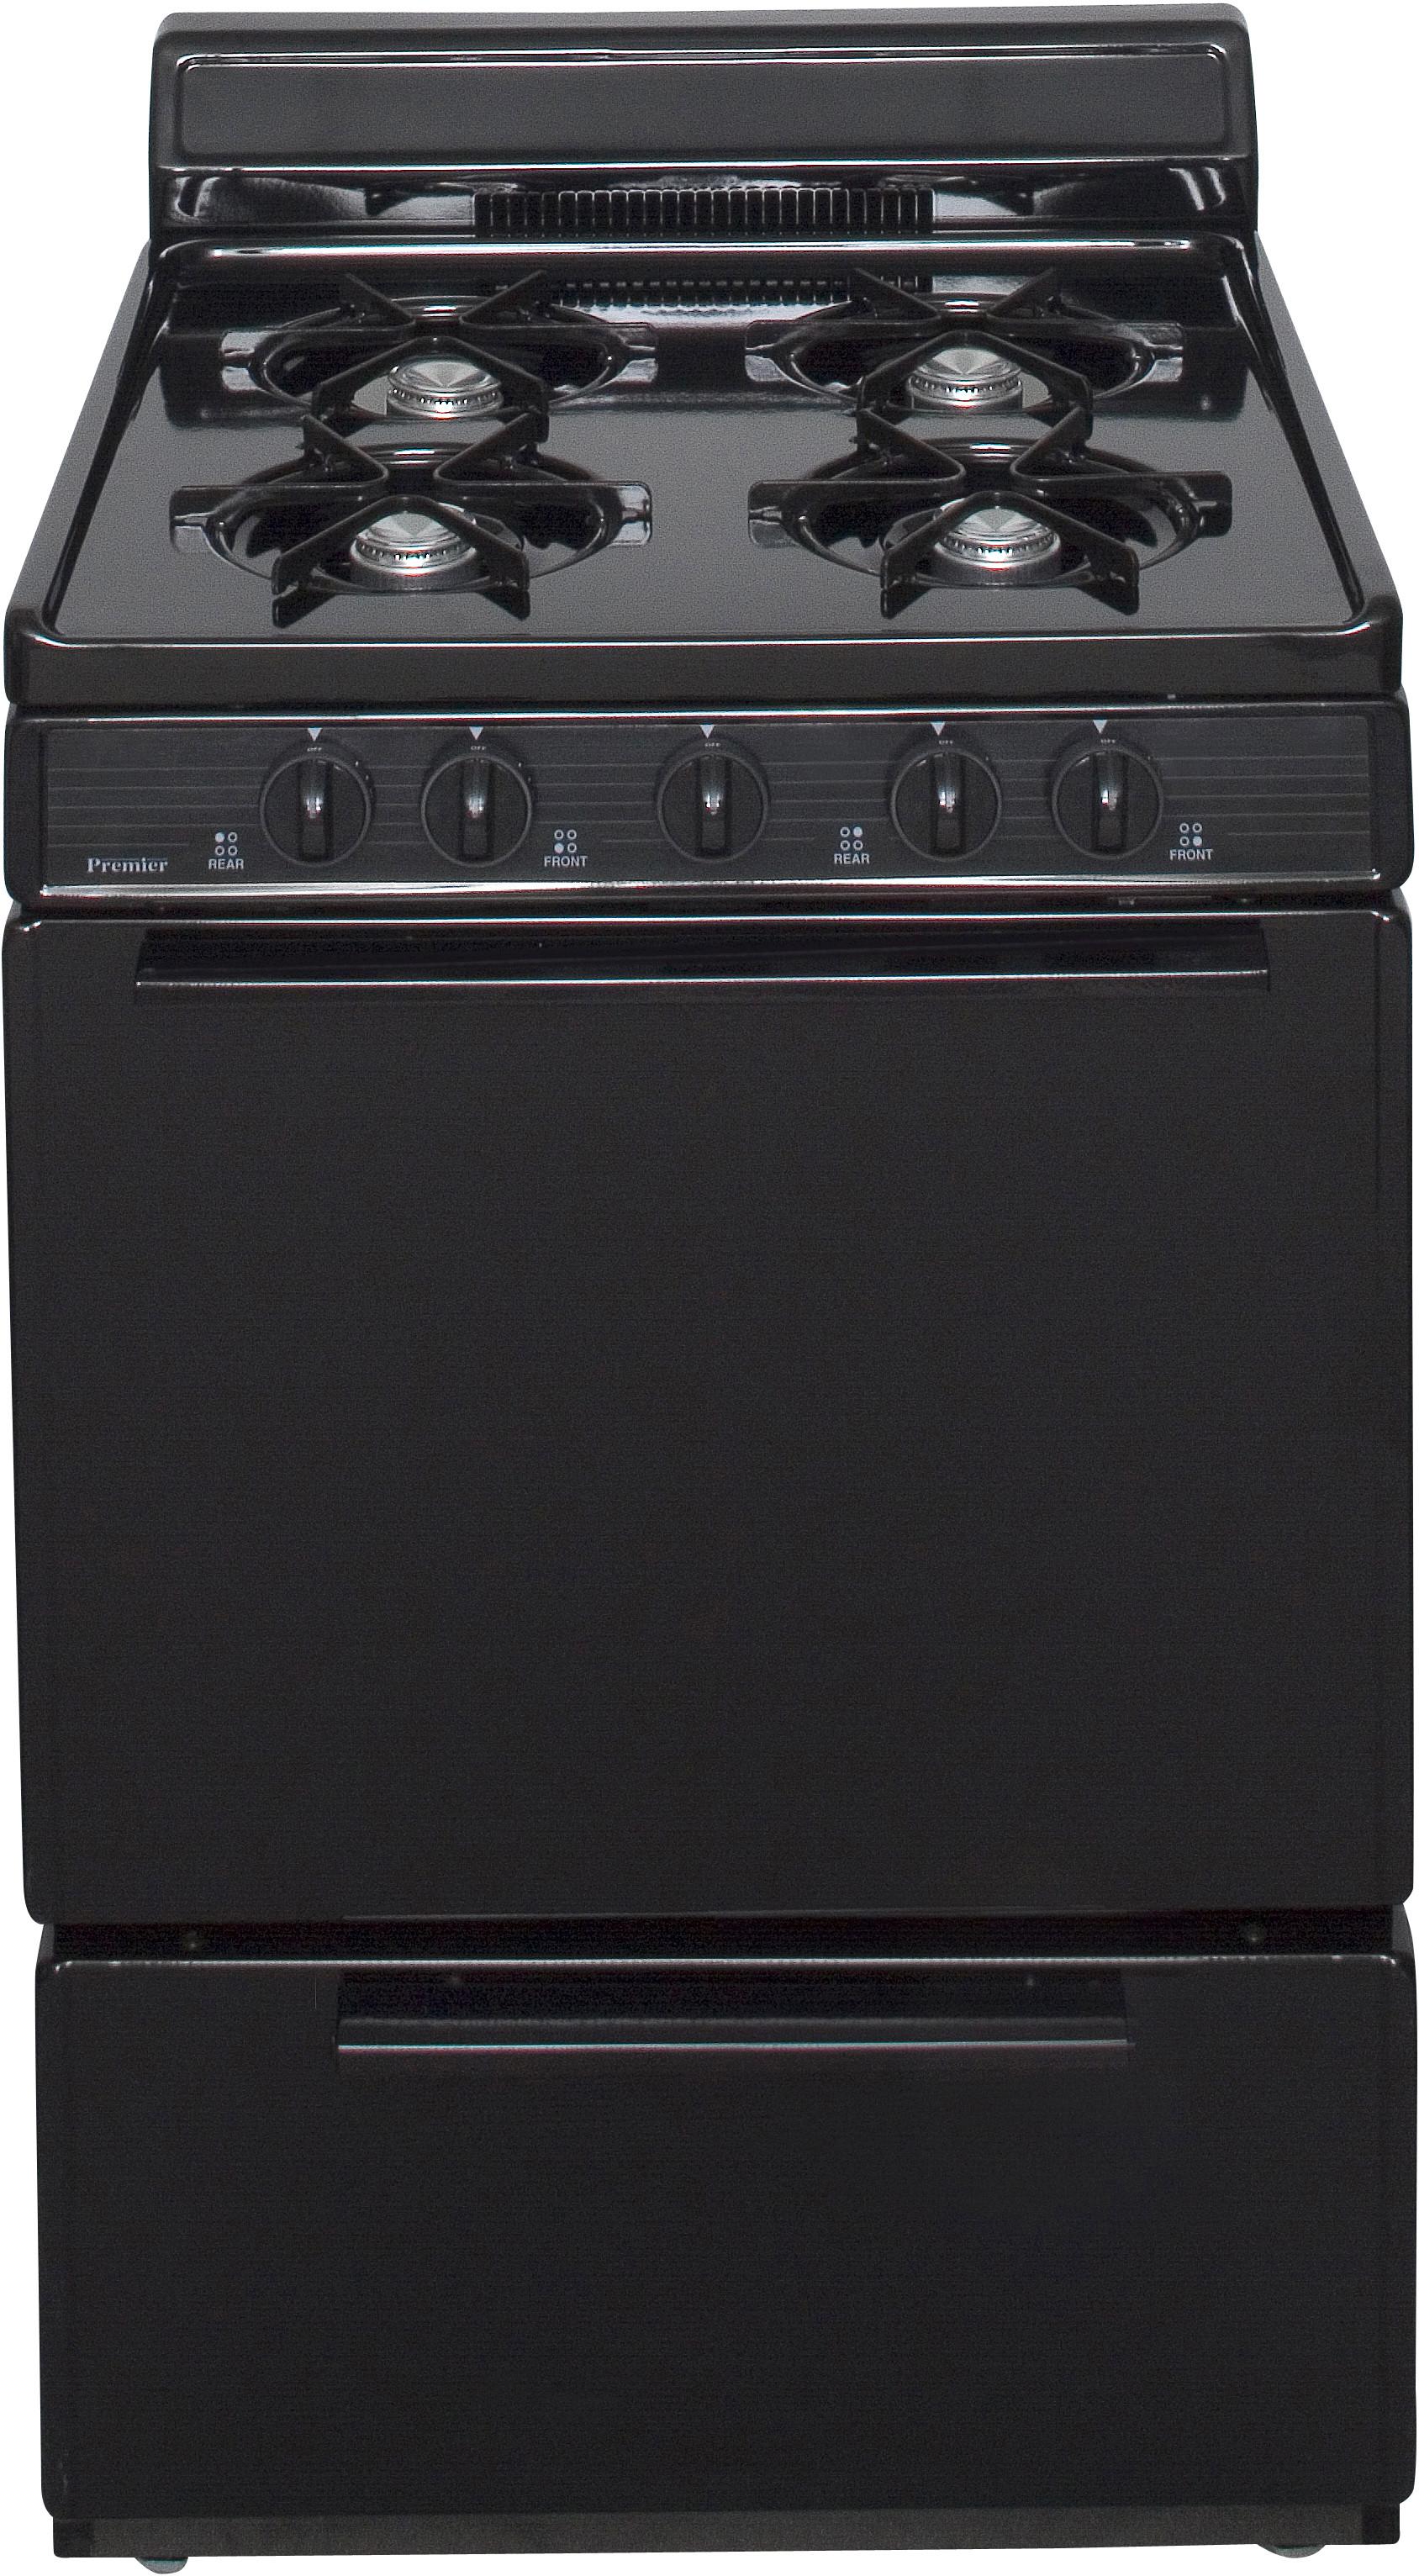 Premier Bck100bp Oven Burner Oven Oven Racks